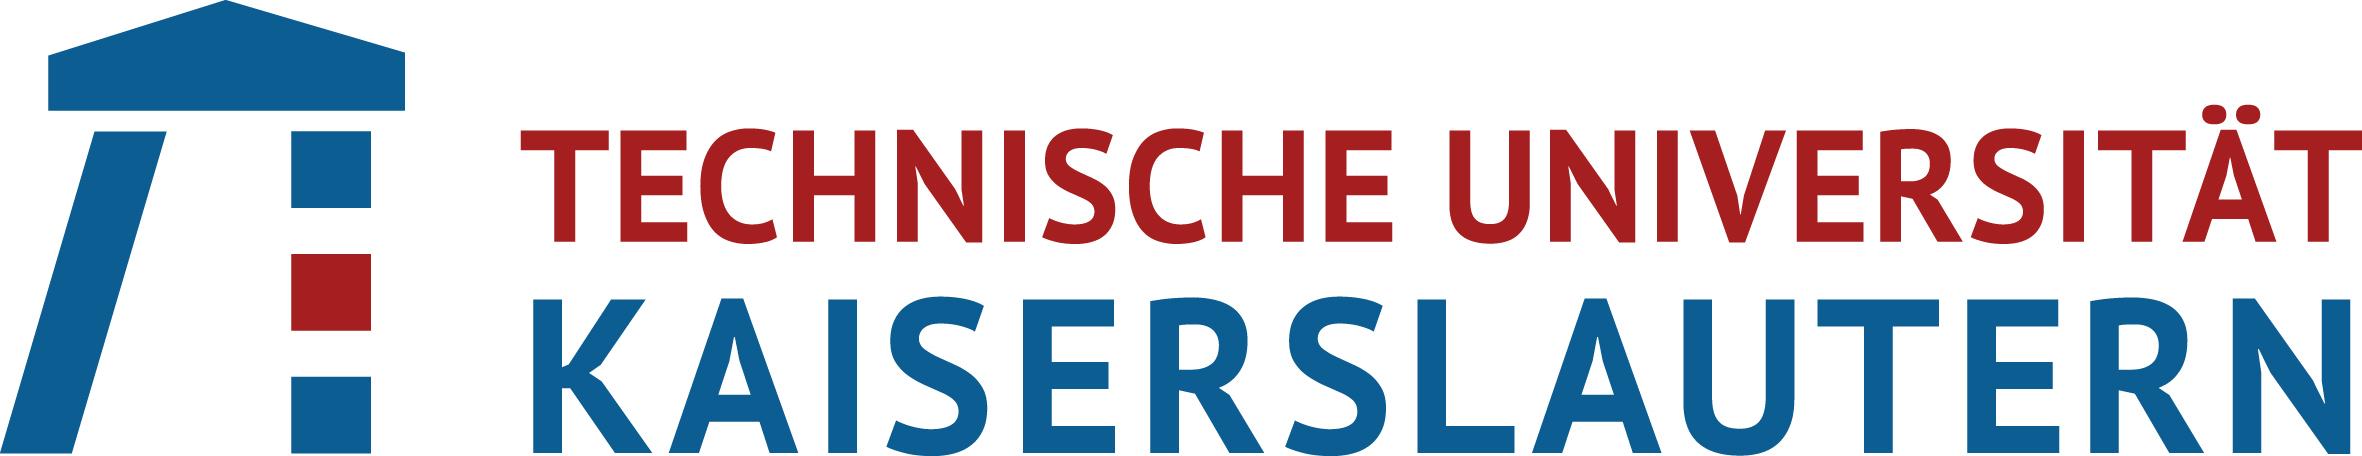 Technische Universität Kaiserslautern (TUK)